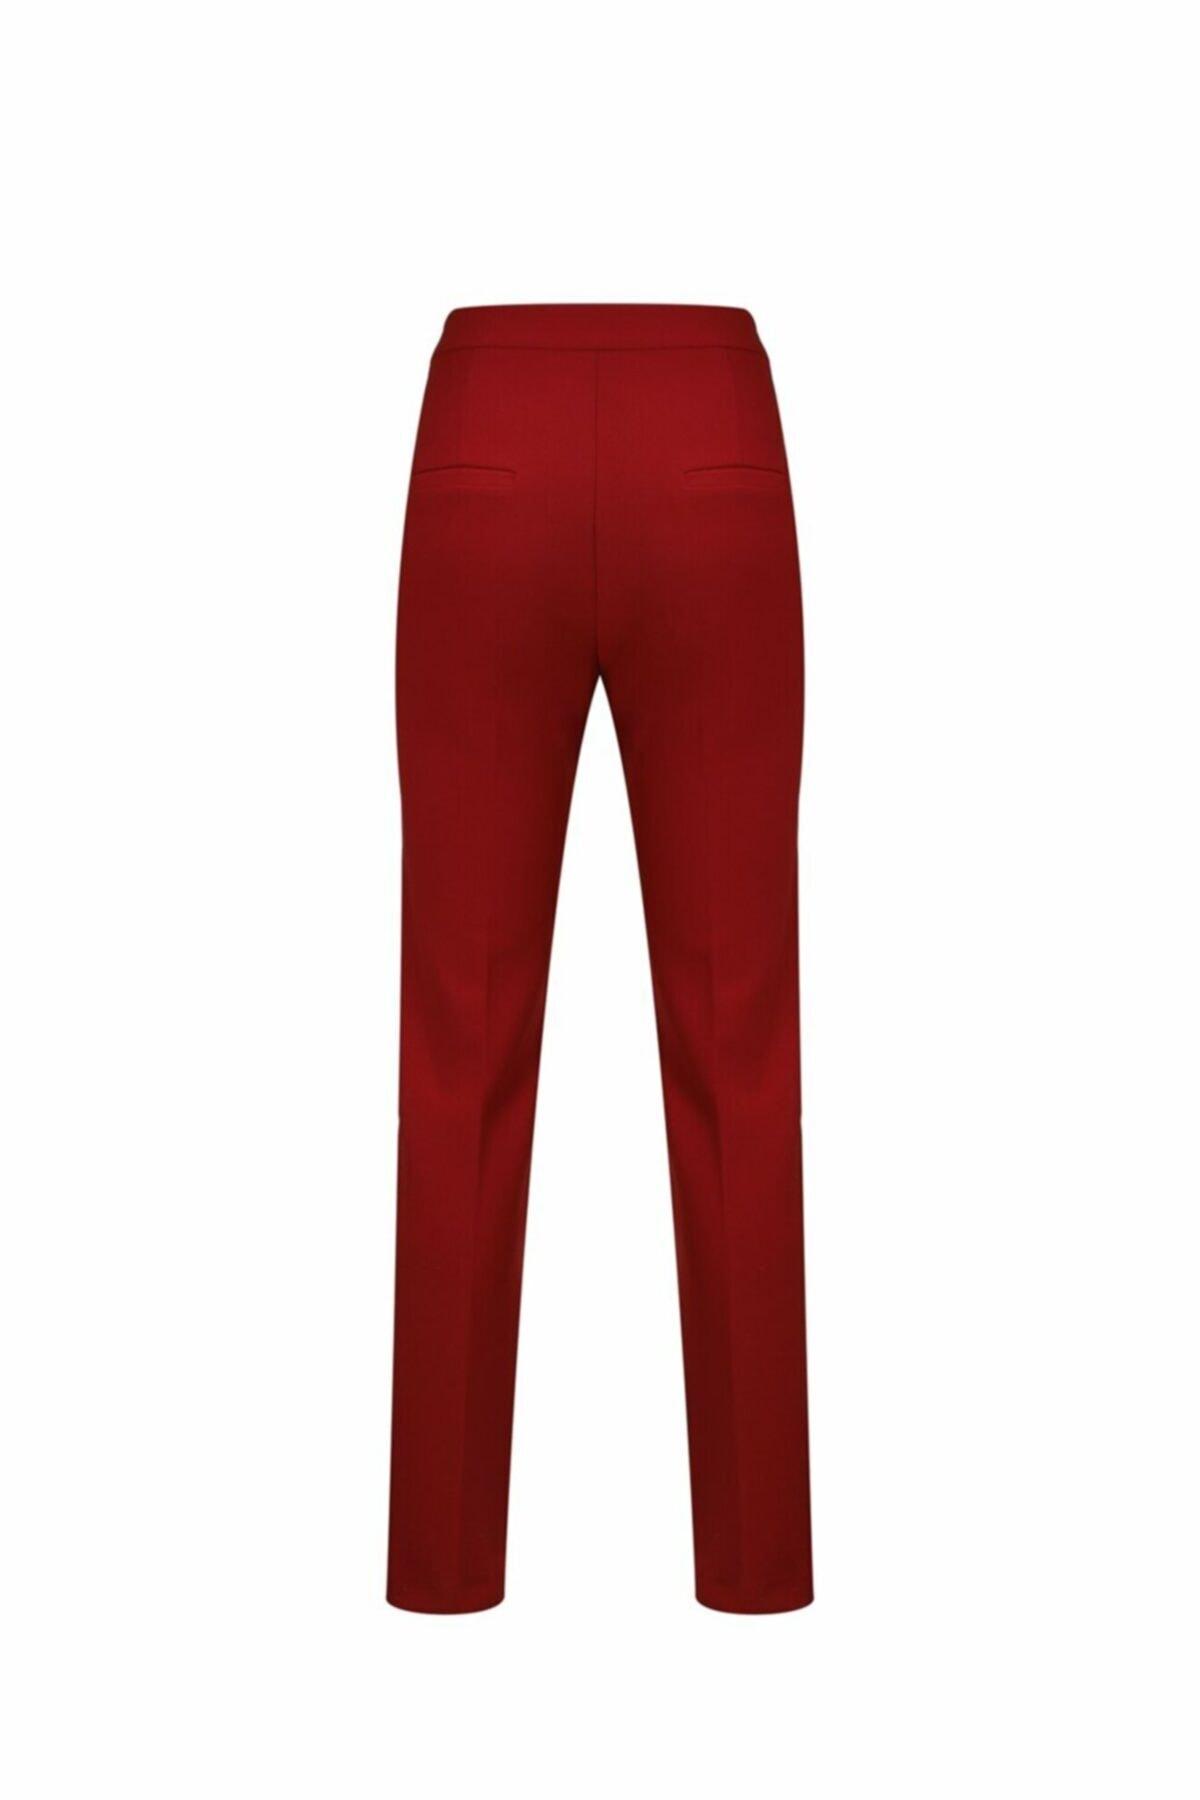 adL Kadın Kırmızı Kalem Pantolon 153C1538000006 2